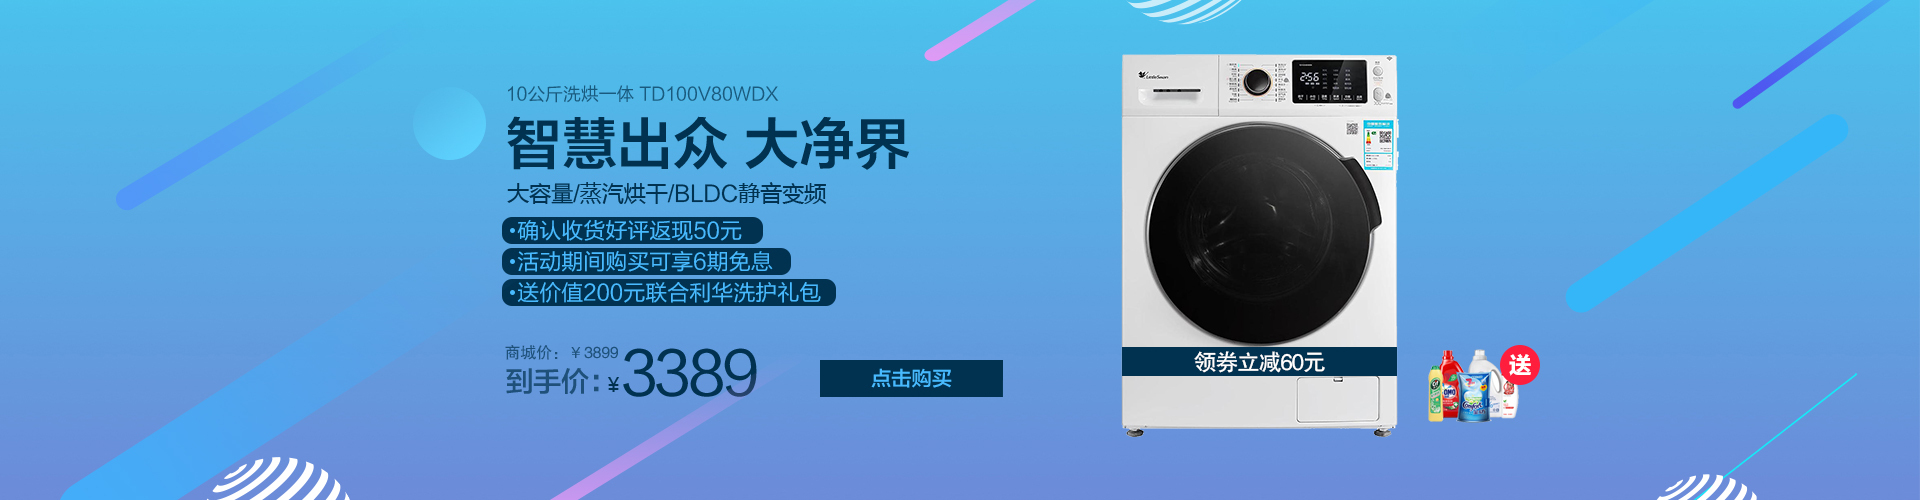 10公斤智能洗烘一体机 TD100V80WDX